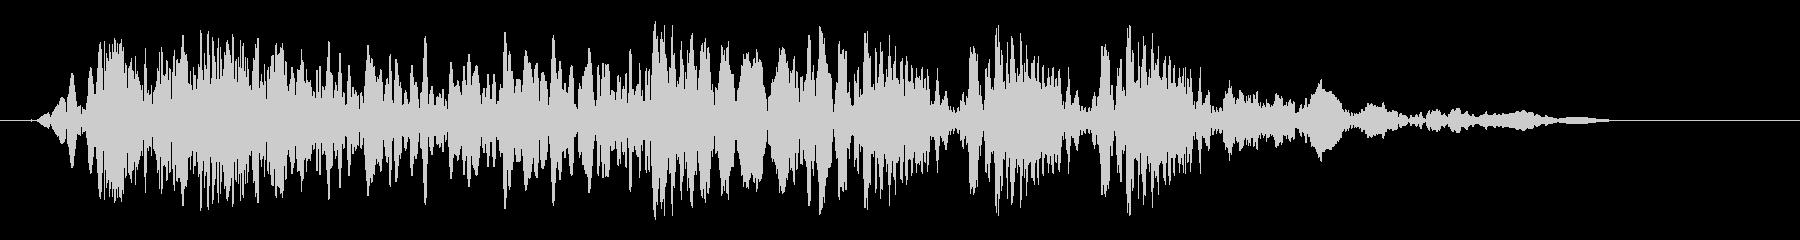 クイックフラタリングザップの未再生の波形